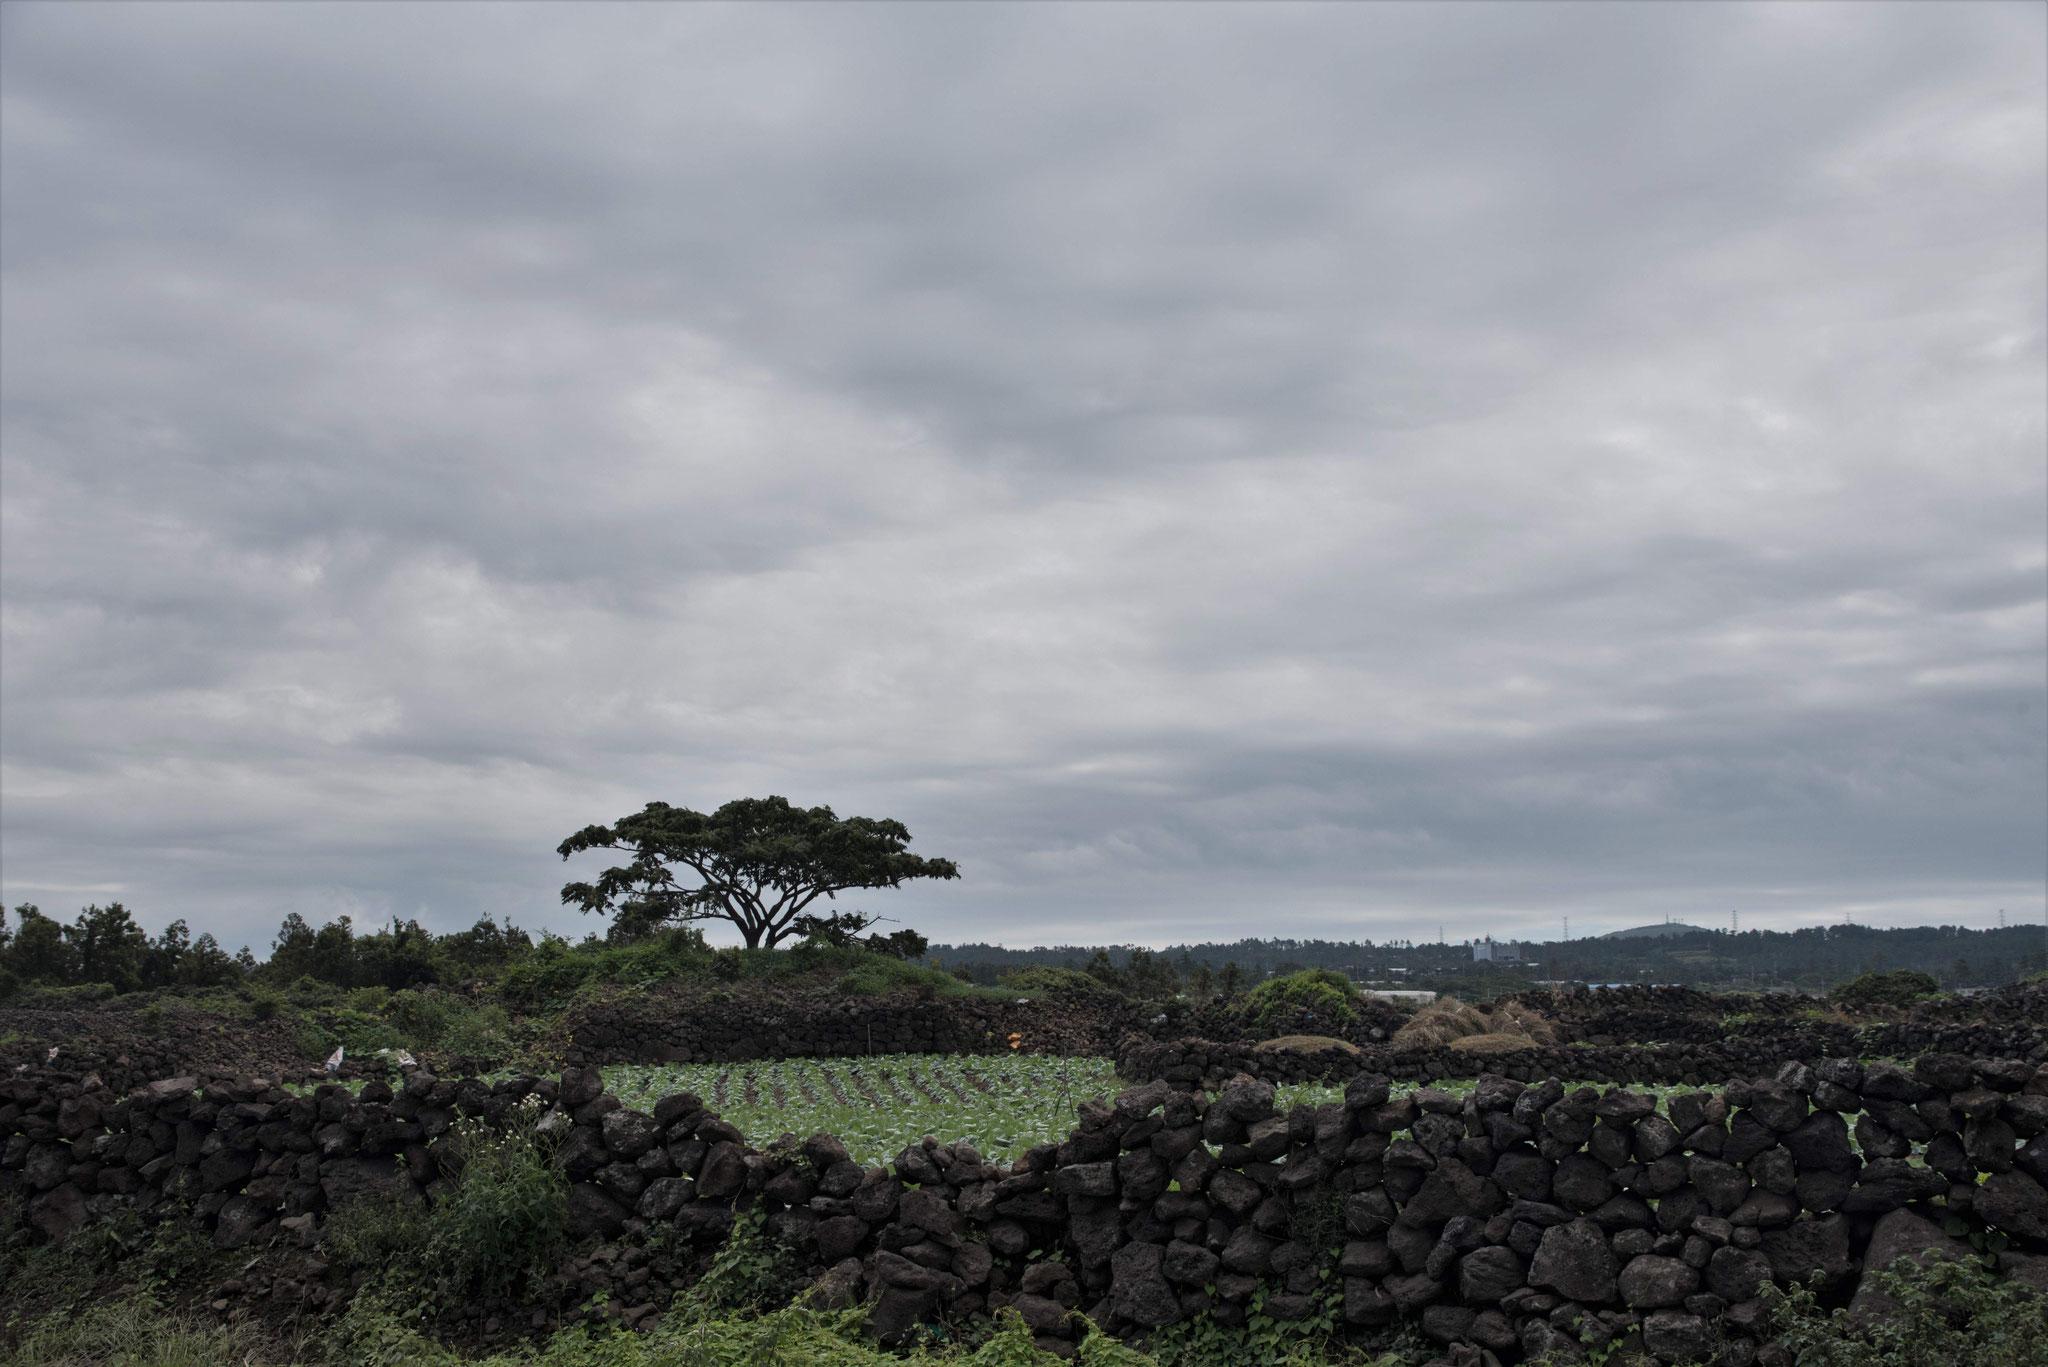 Erinnerungen an Pico (Azoren) werden geweckt